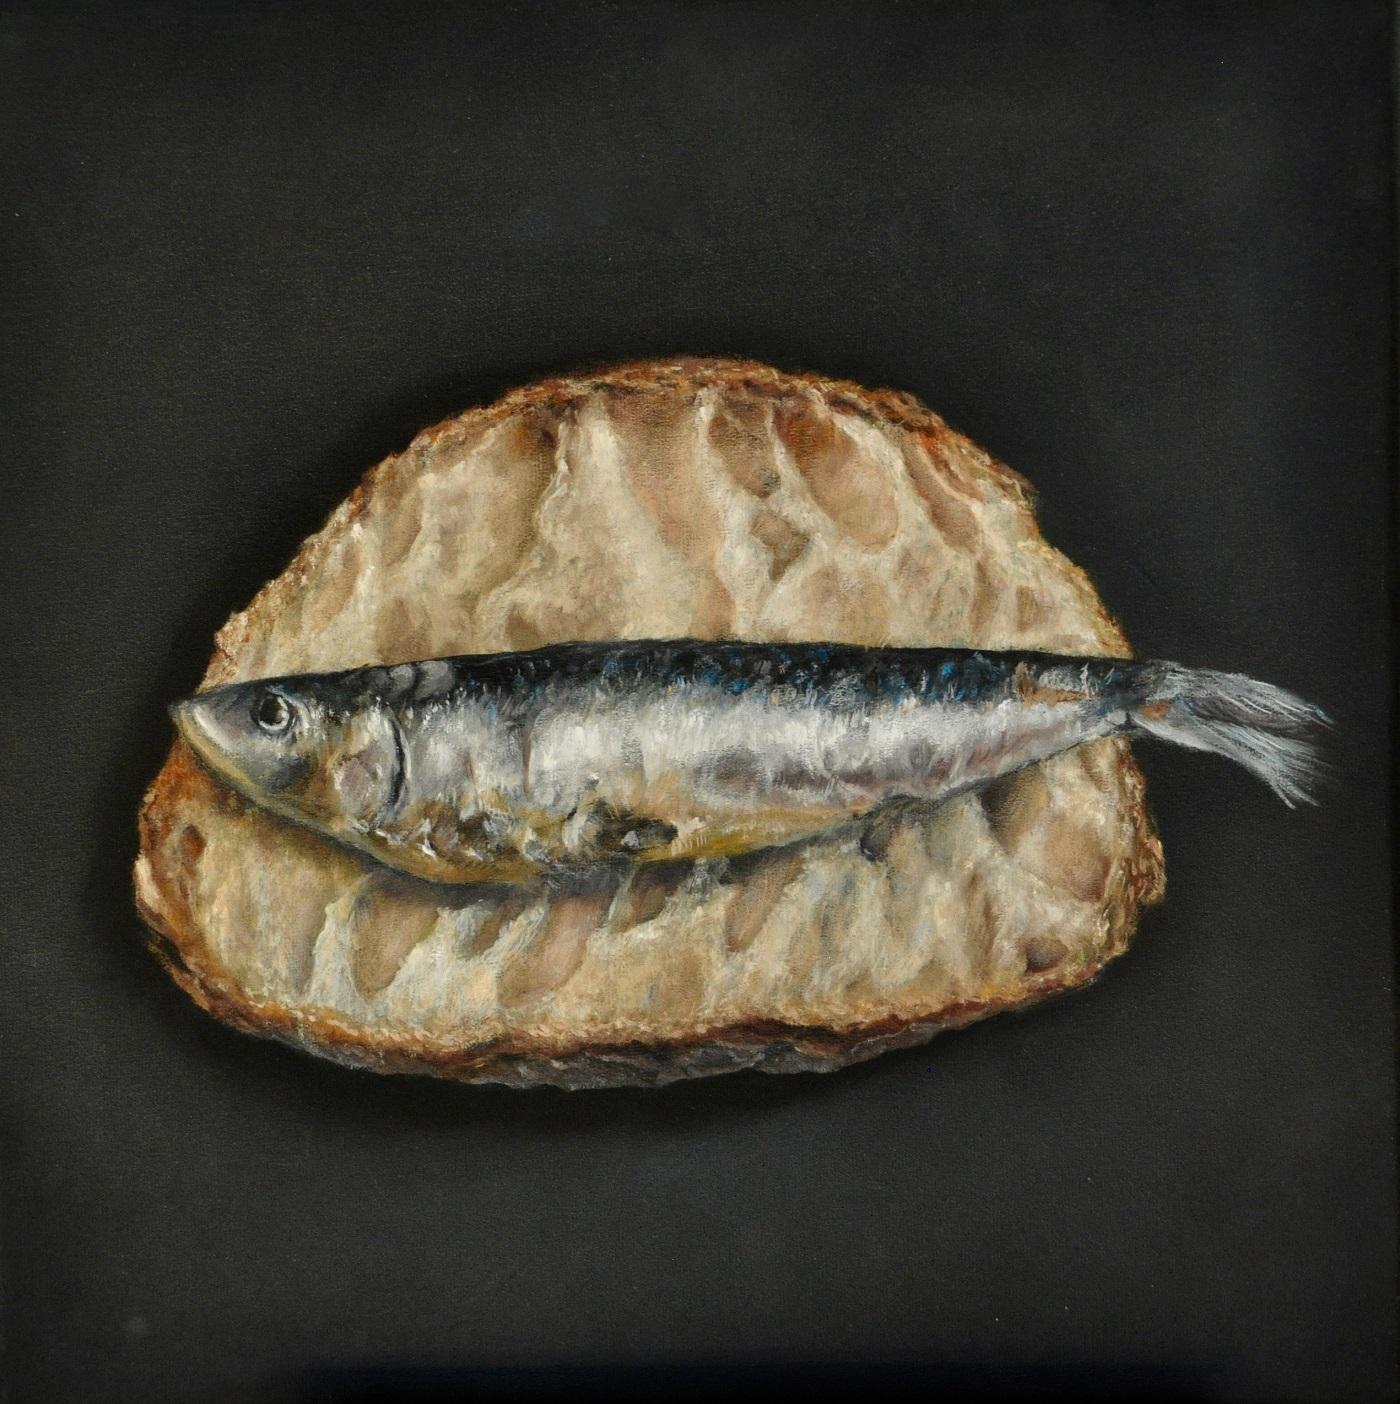 Croque sardine Huile sur toile 40 x 40 cm Colette Plenier-Mudde